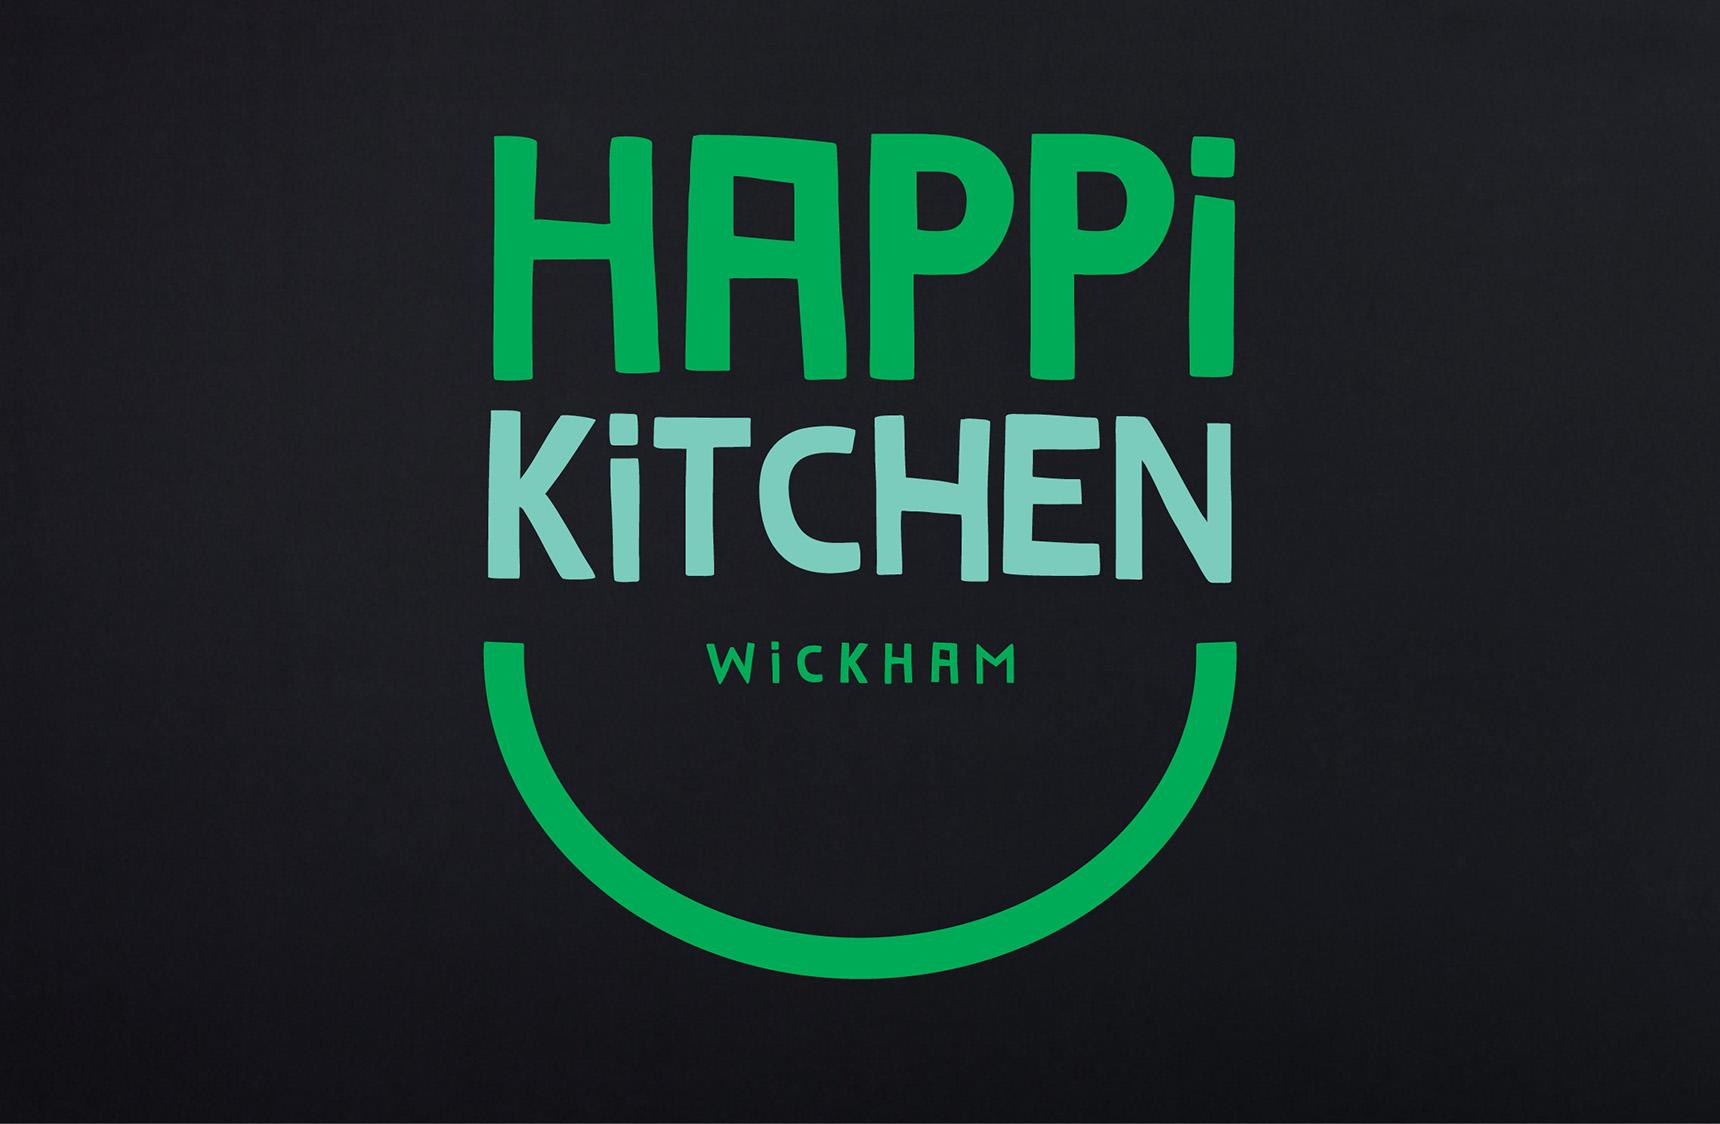 mjk_happi-kitchen_01